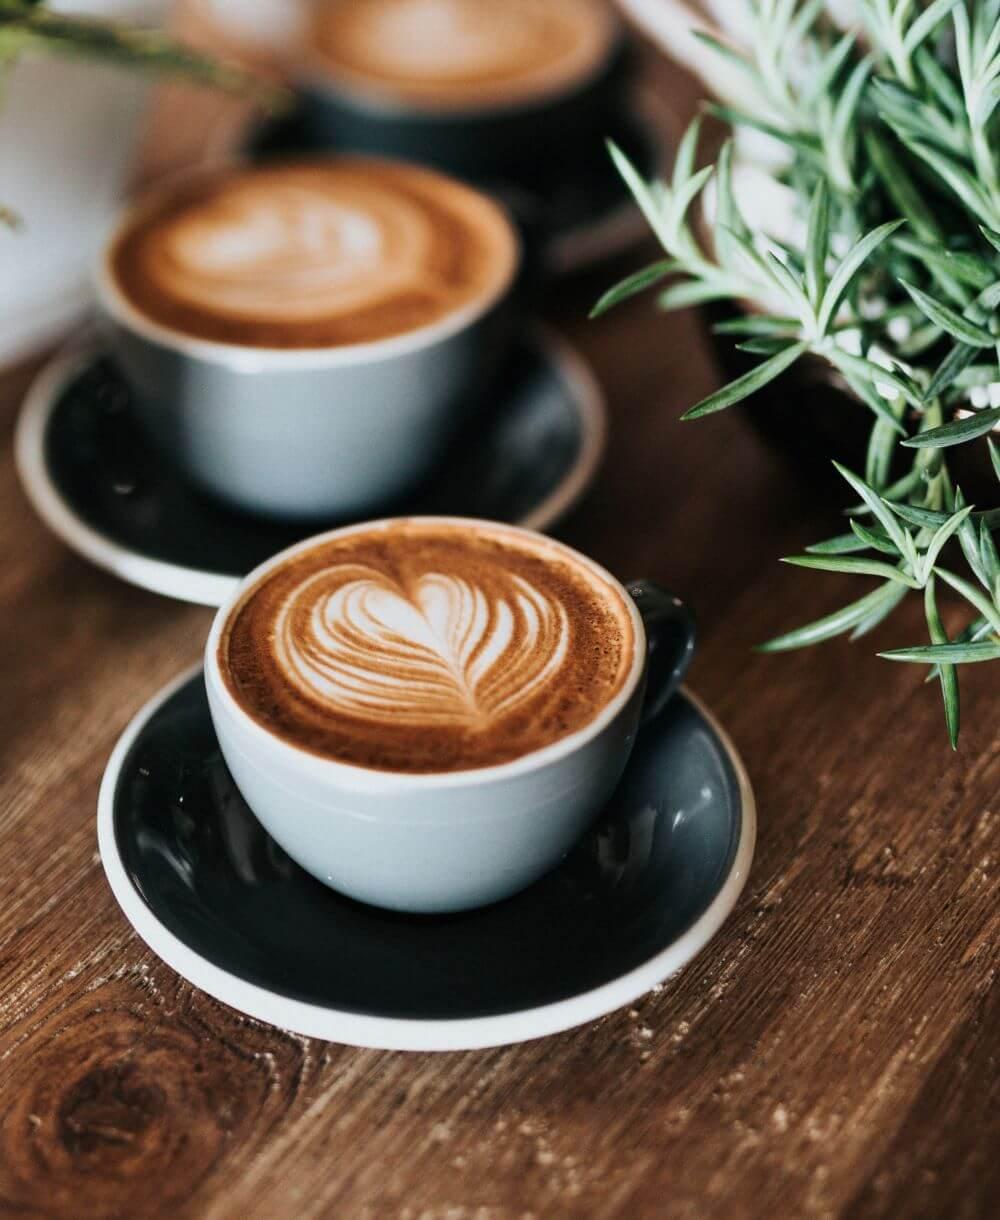 Kaffee aus dem Vollautomaten in Porzellantasse